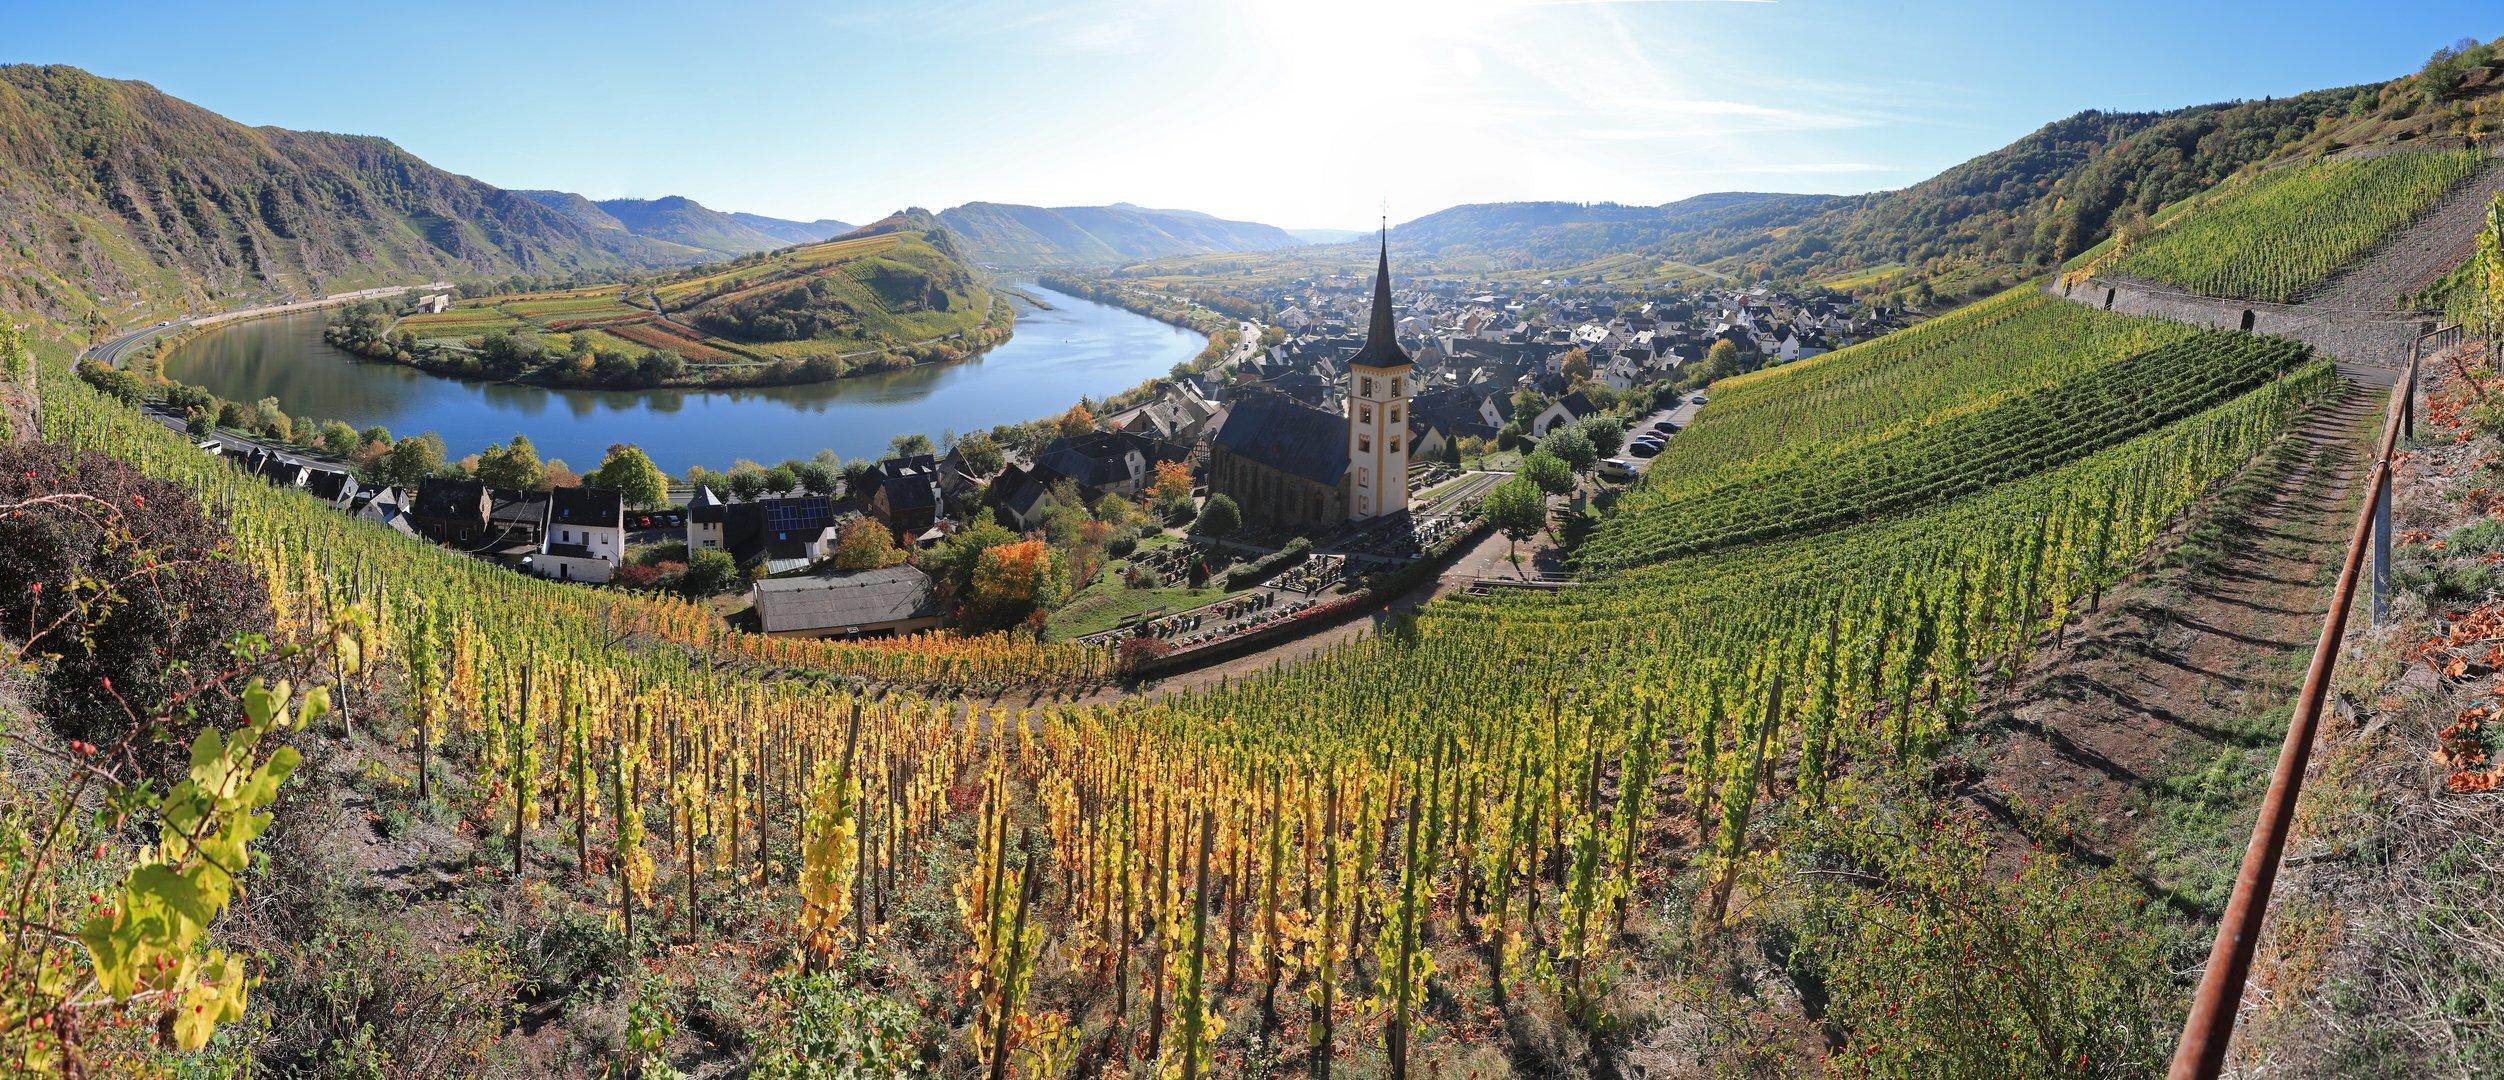 Calmont - die steilste Weinlage